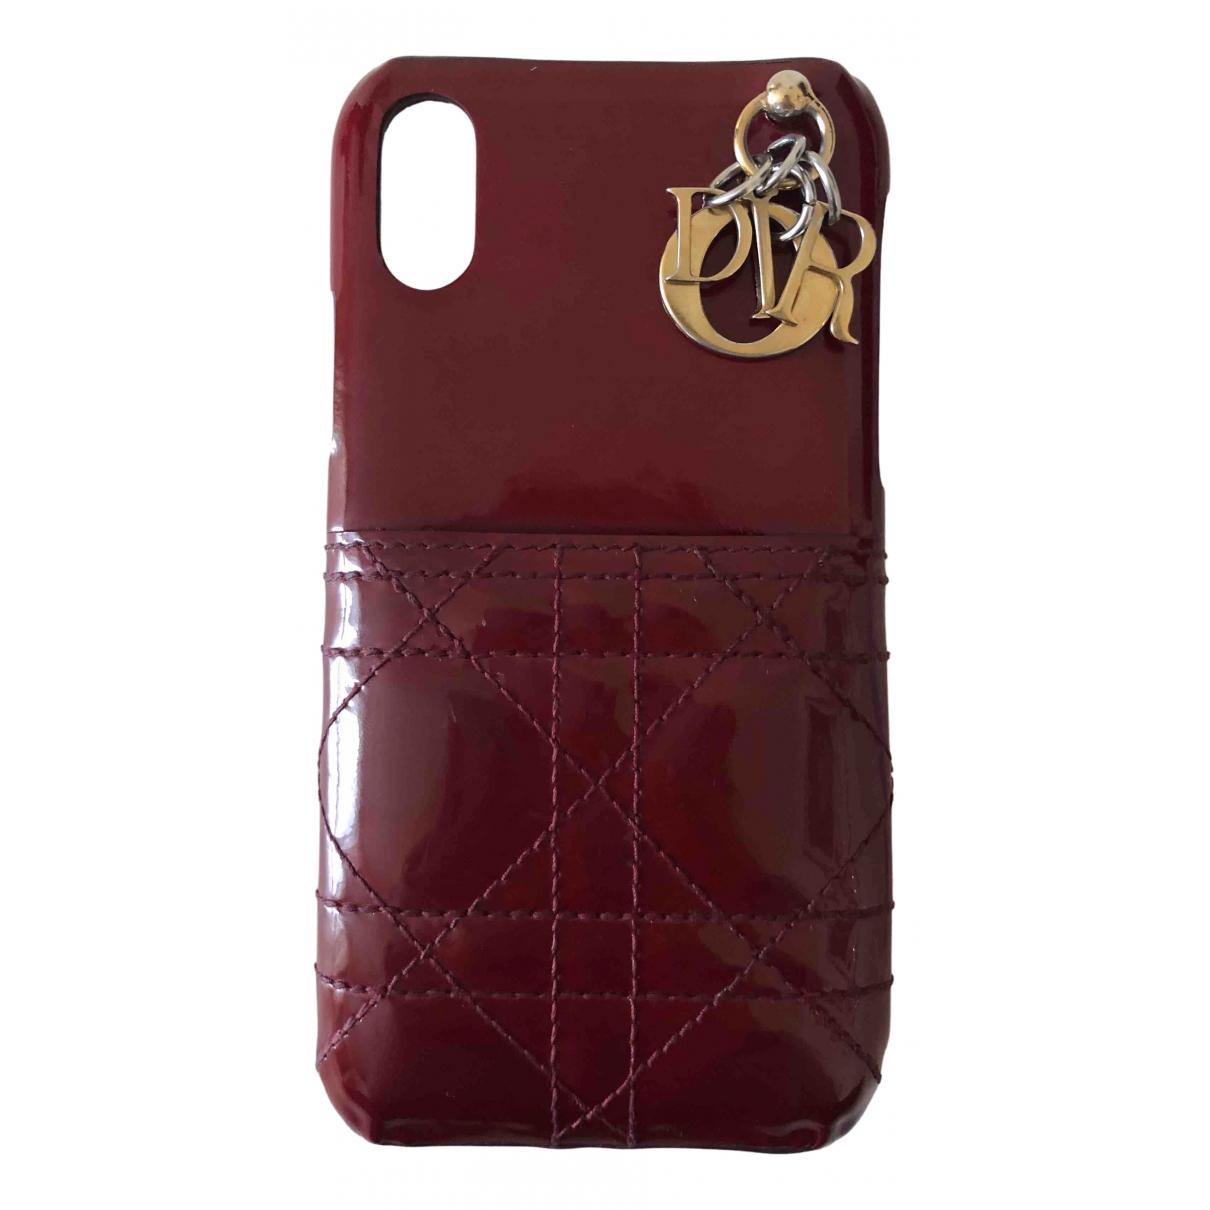 Funda iphone de Charol Dior